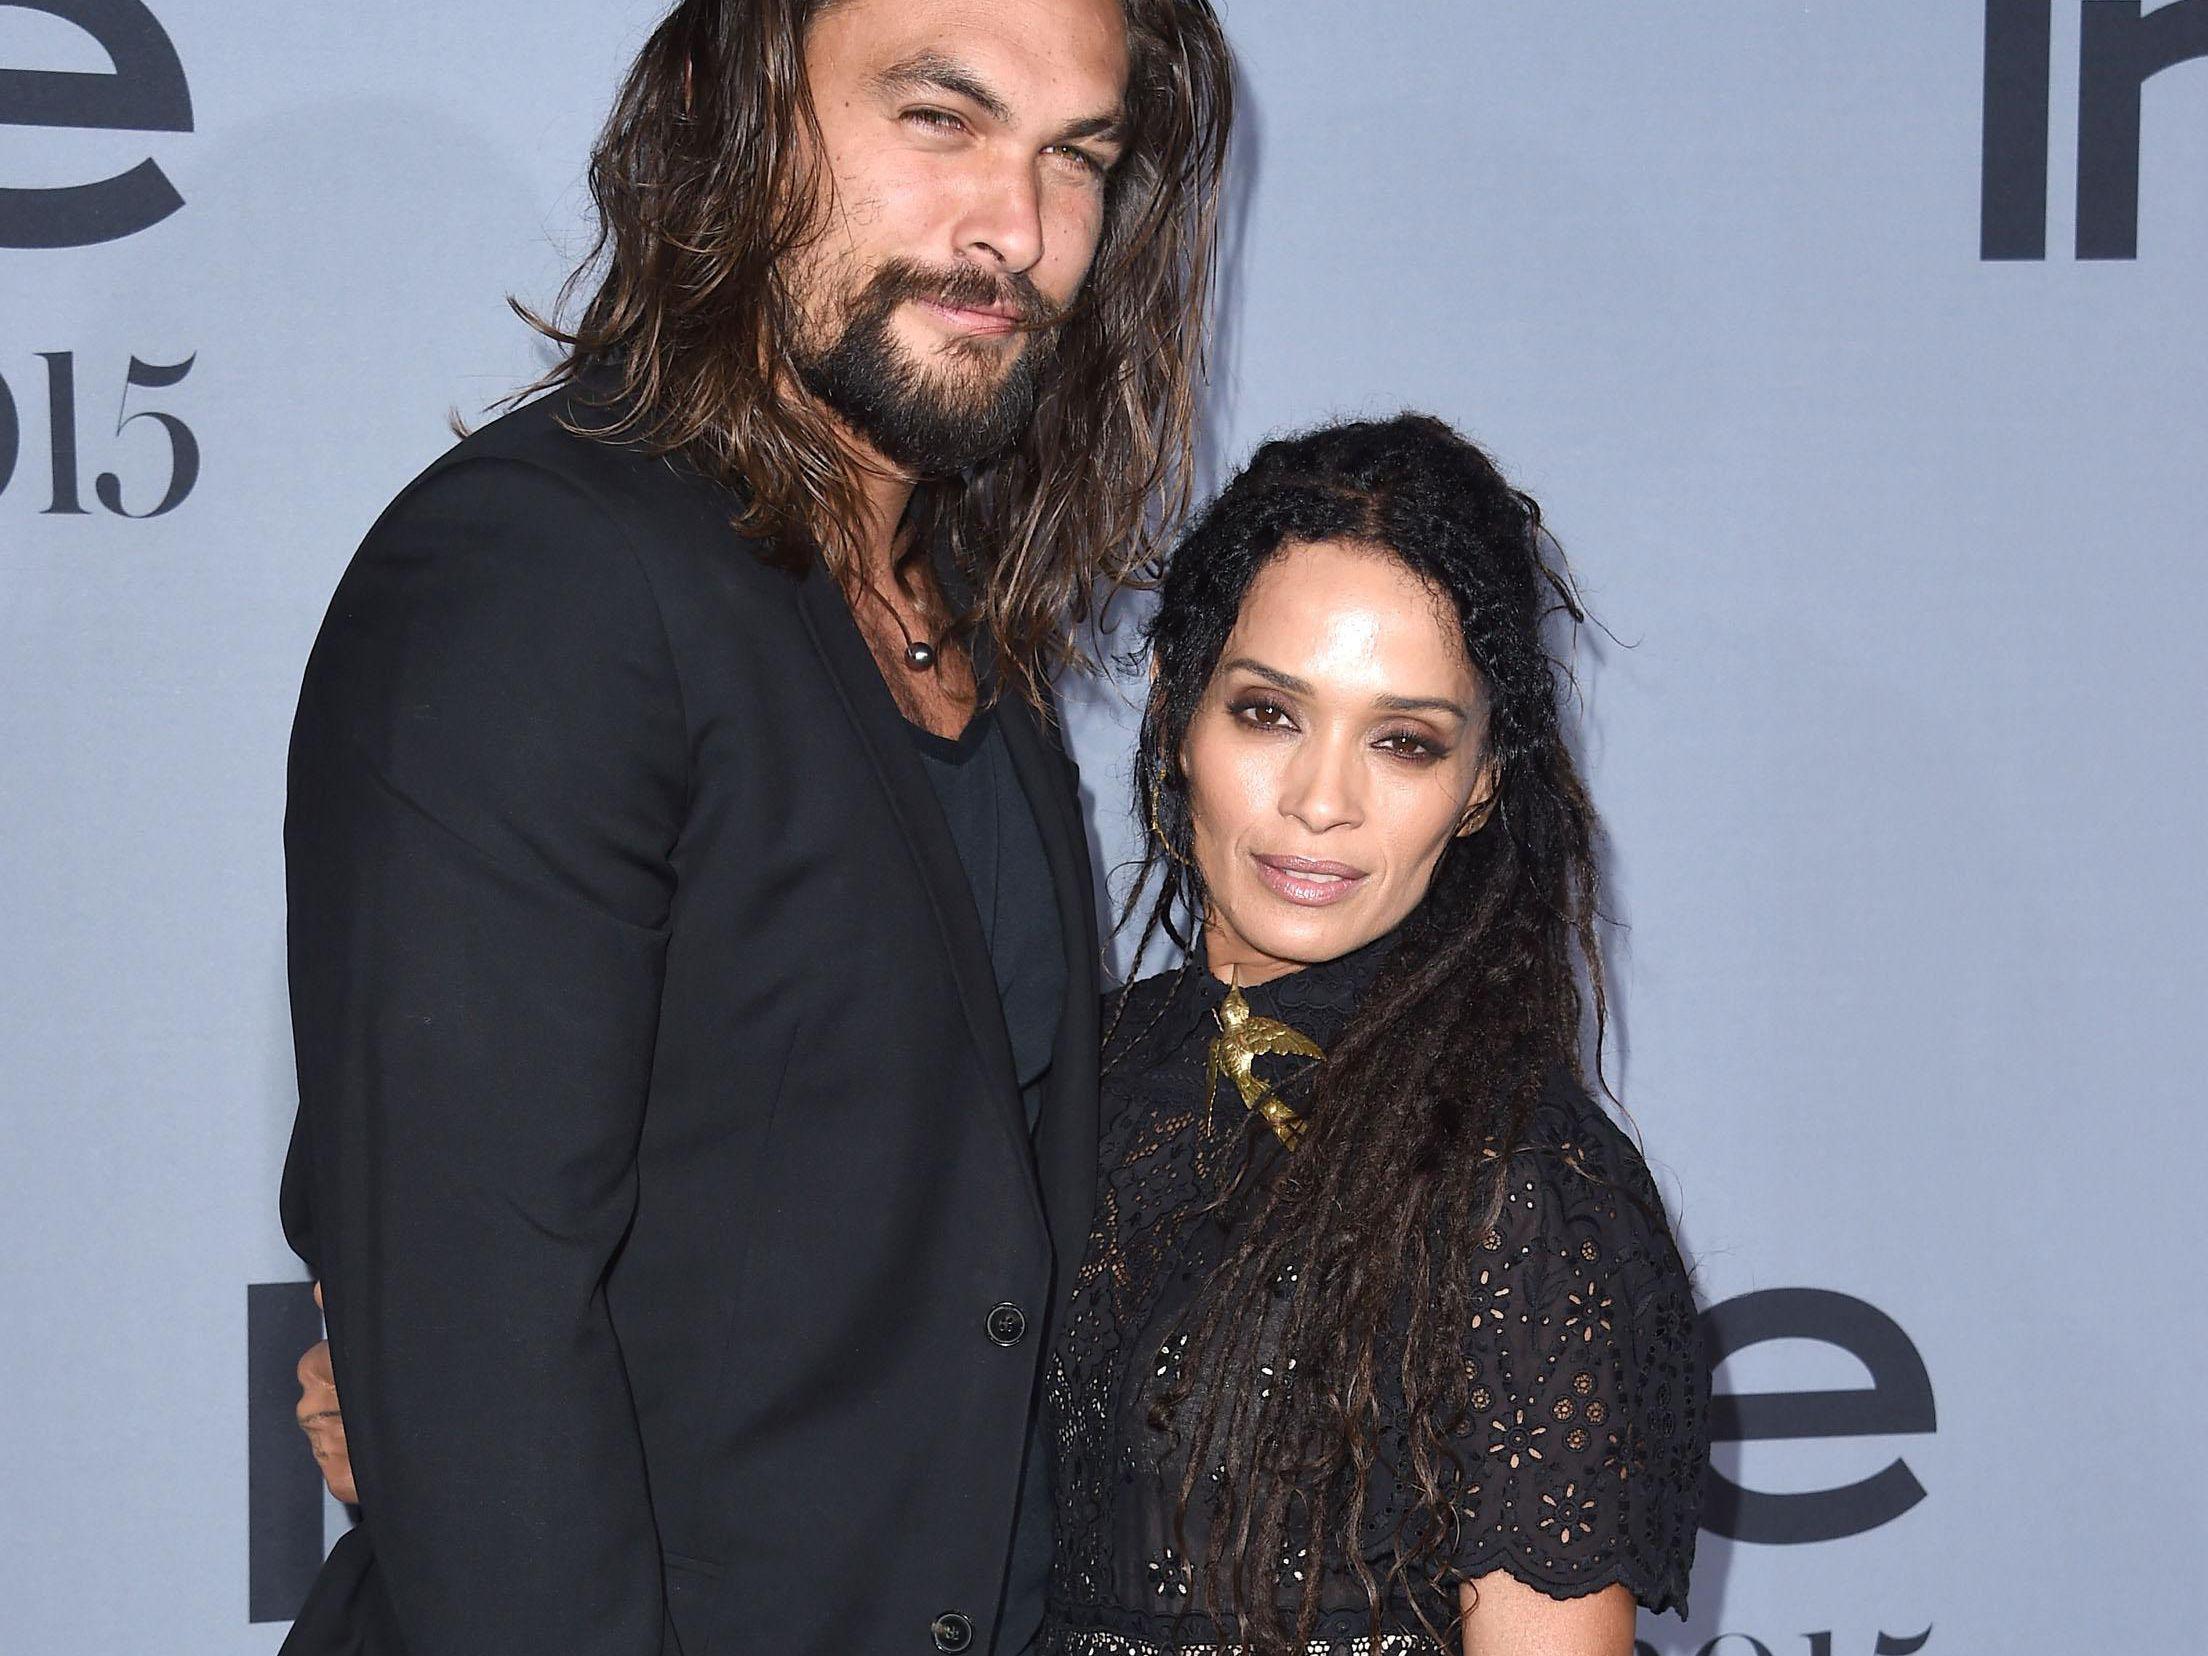 Lisa Bonet S Husband Jason Momoa Has Matching Rings With Her Ex Lenny Kravitz